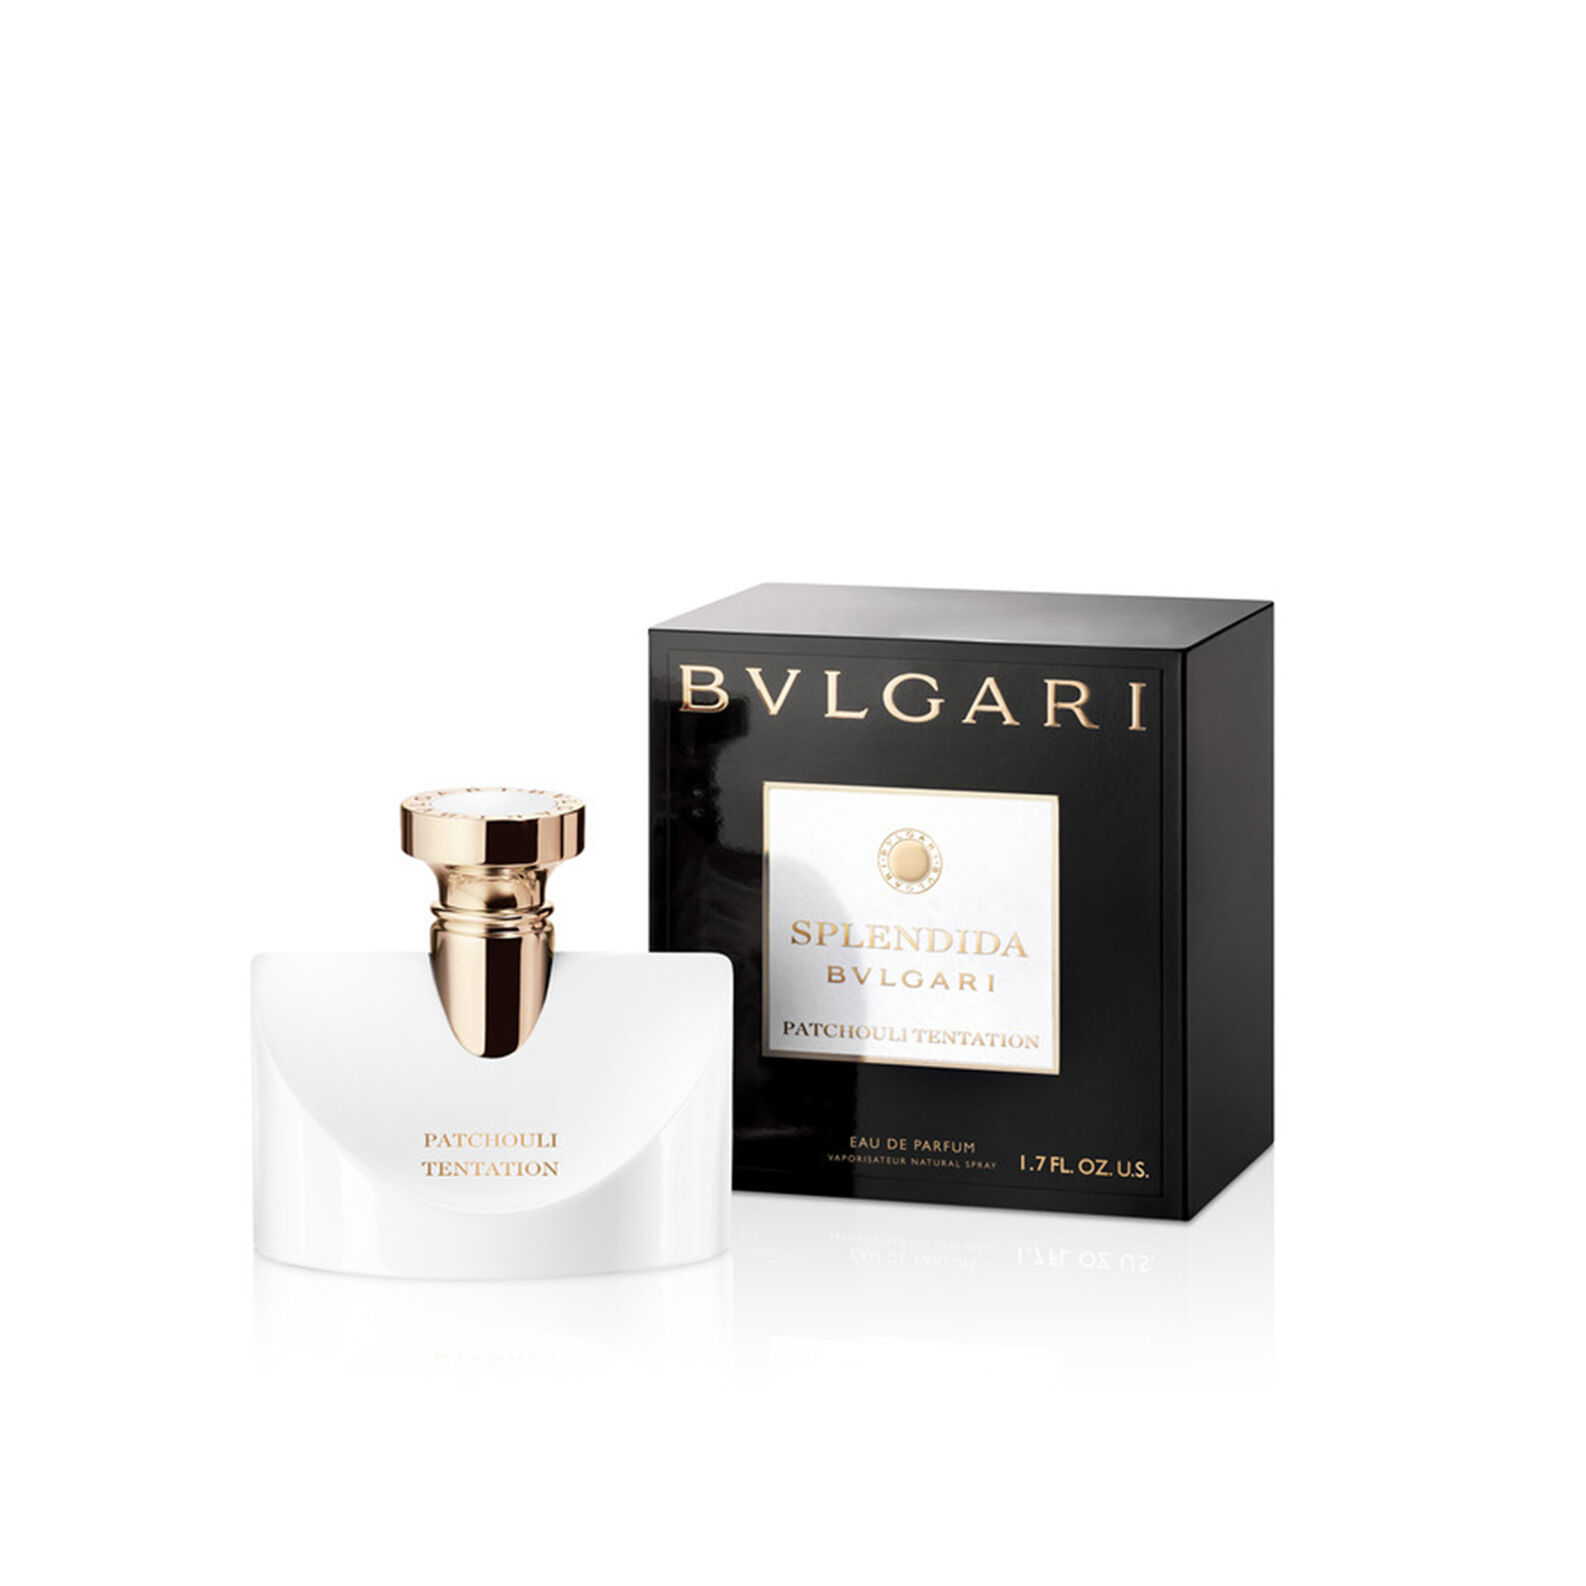 BVLGARI Splendid Eau de Parfum 30ml